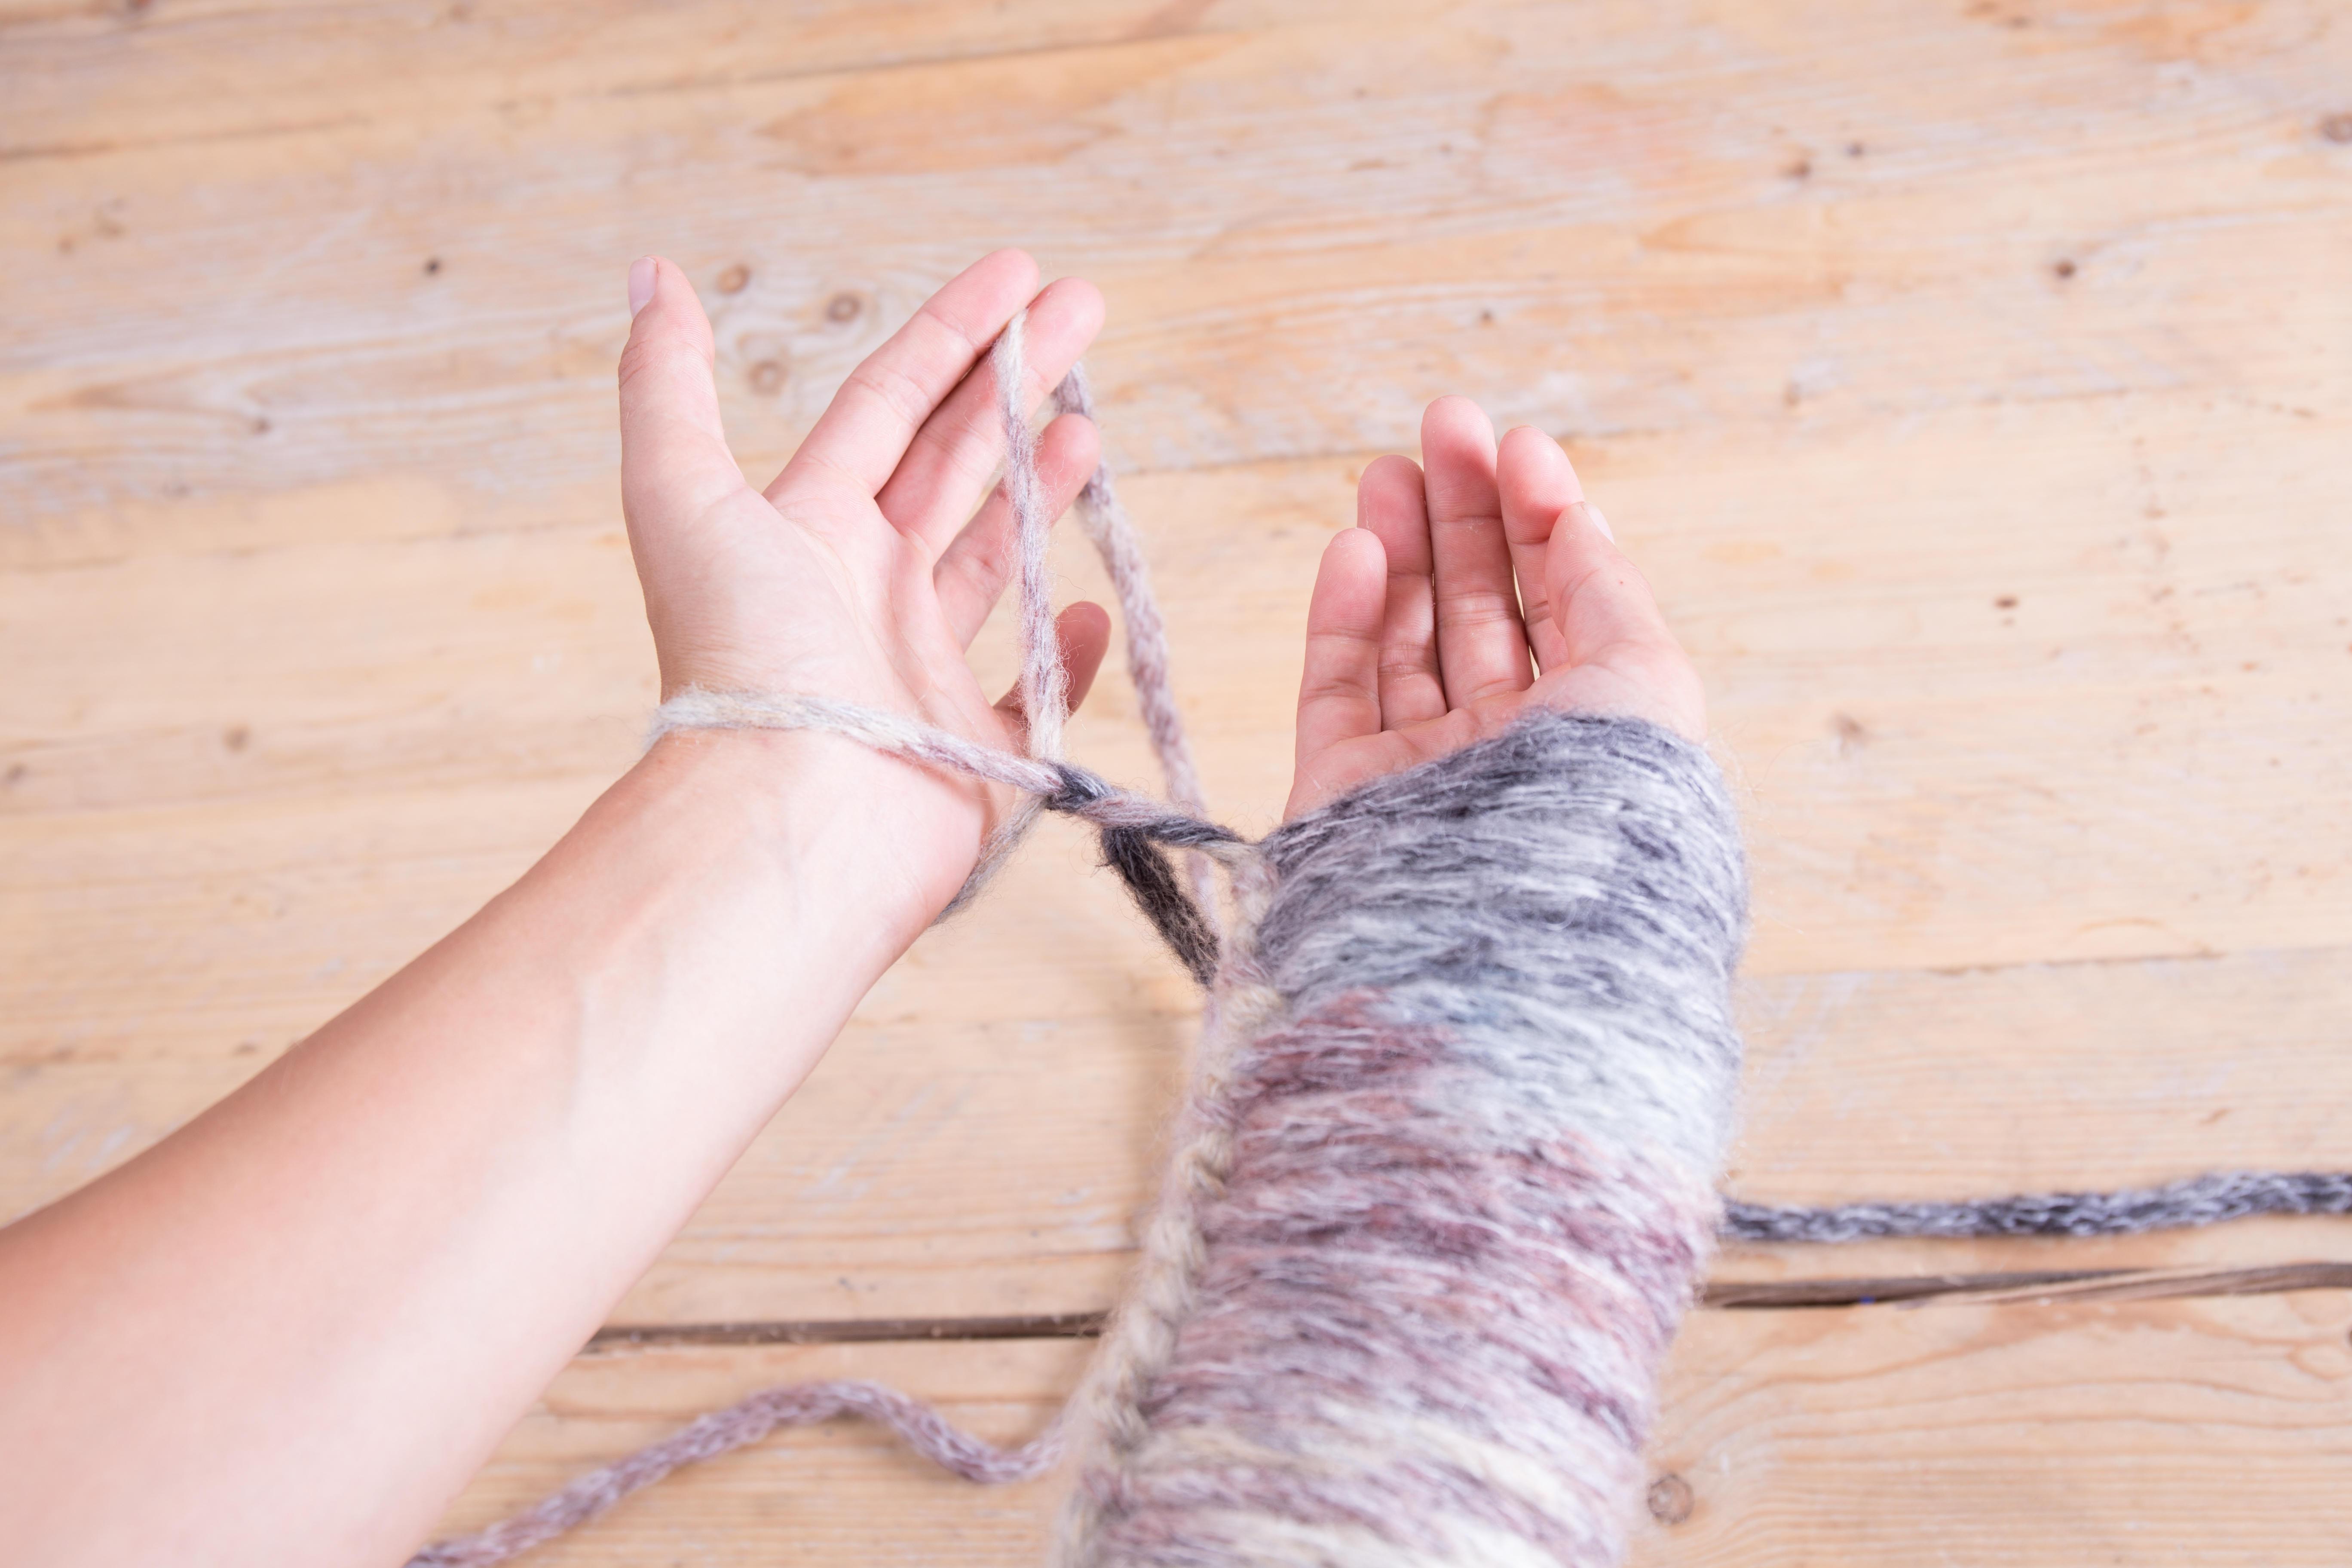 Nun ruckelst du ein bisschen mit den Fäden, bis die Masche leicht am Arm anliegt.